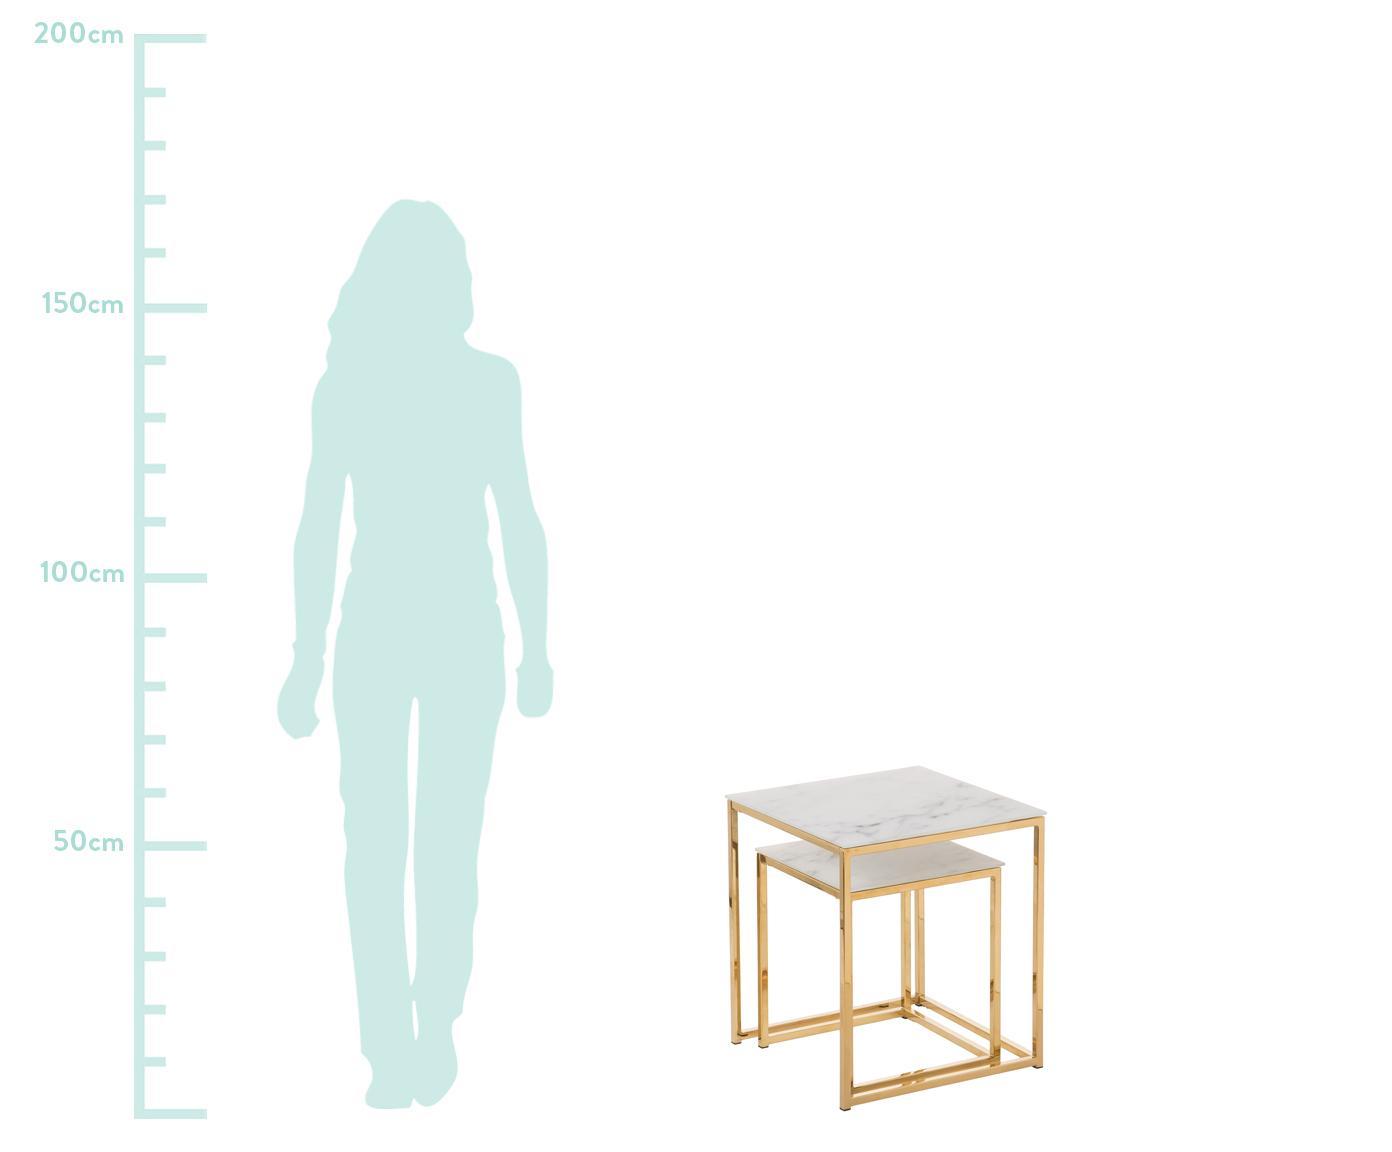 Set 2 tavolini con piano in vetro marmorizzato Antigua, Piano d'appoggio: vetro, Struttura: metallo rivestito, Piani d'appoggio in vetro stampato: opaco bianco, marmorizzato Struttura: dorato, Diverse dimensioni